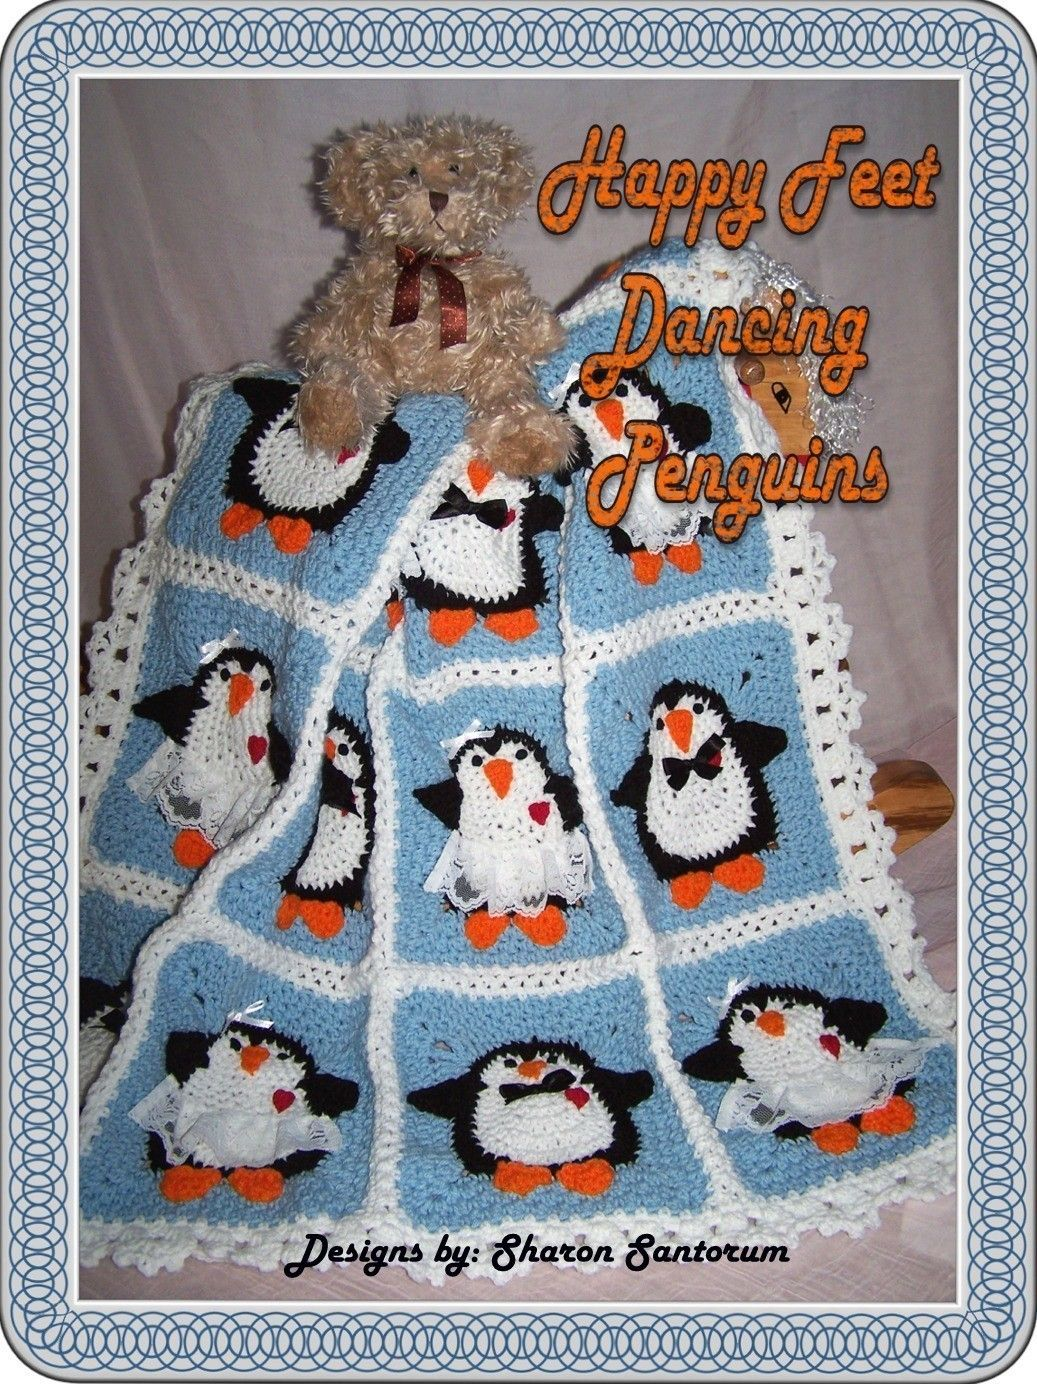 Dancing Penguins Crochet Baby Afghan or Blanket Pattern PDF ...